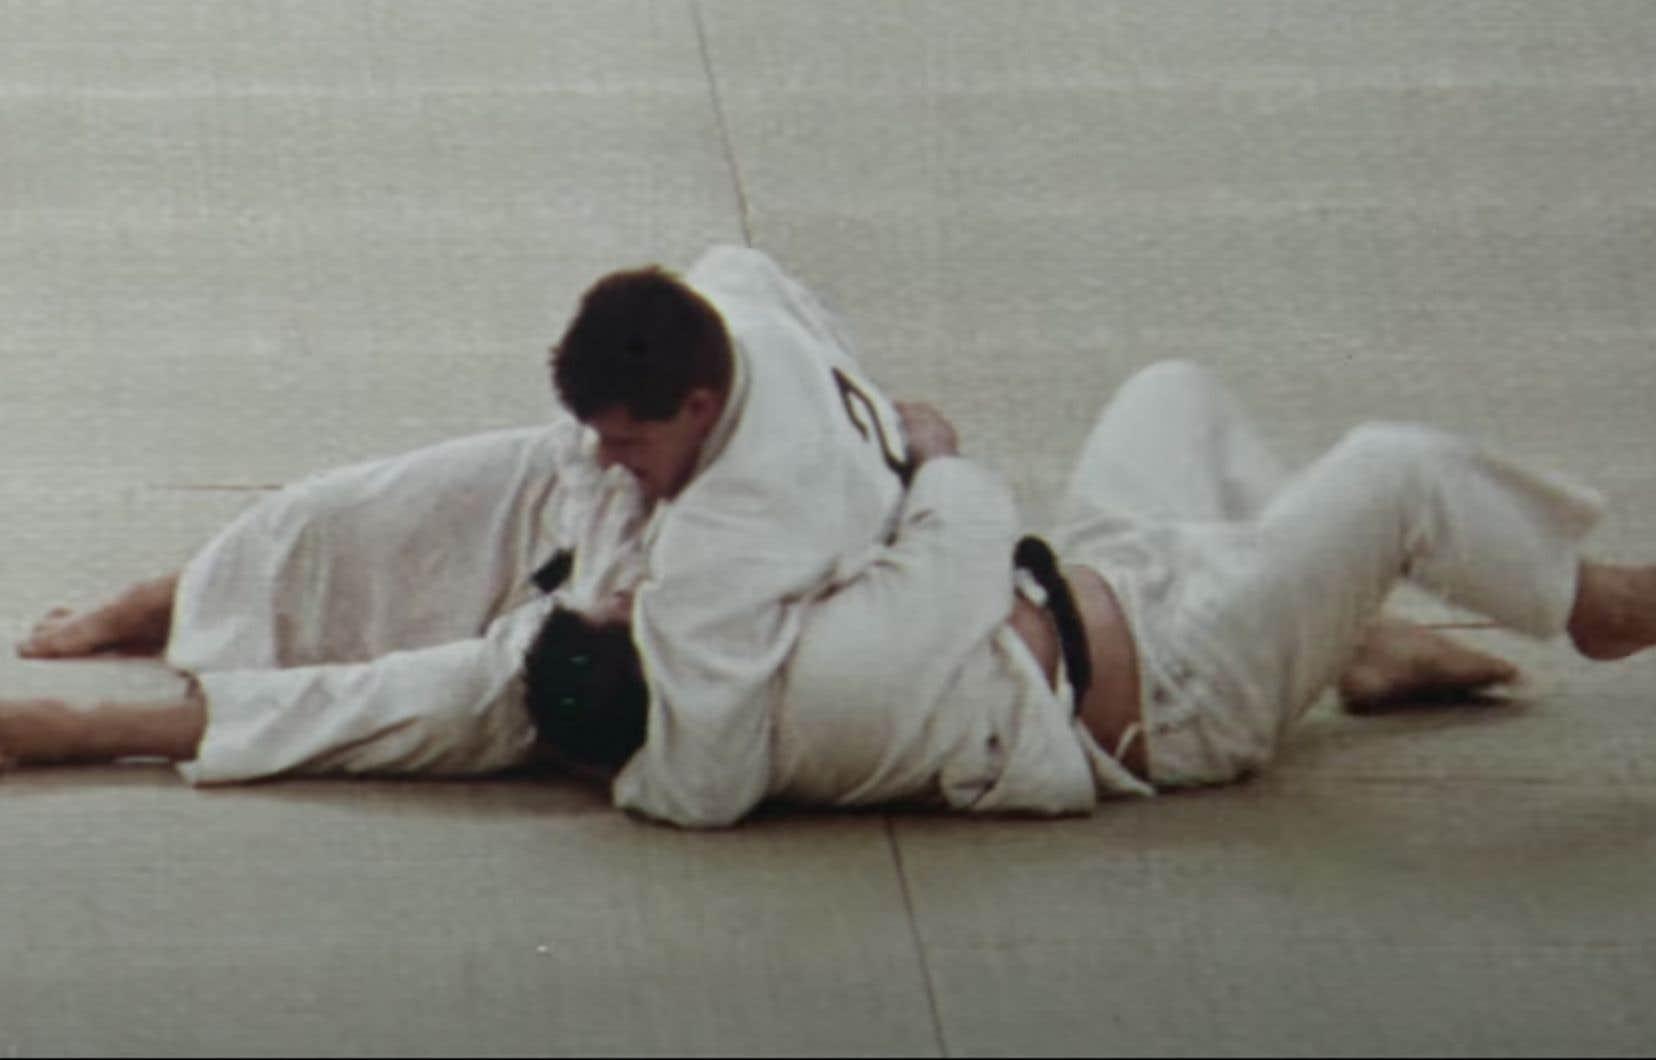 Kon Ichikawa se colle au plus près de l'expérience profondément humaine vécue par les athlètes, comme celle du judoka prisonnier d'une prise dont il ne se sortira pas.